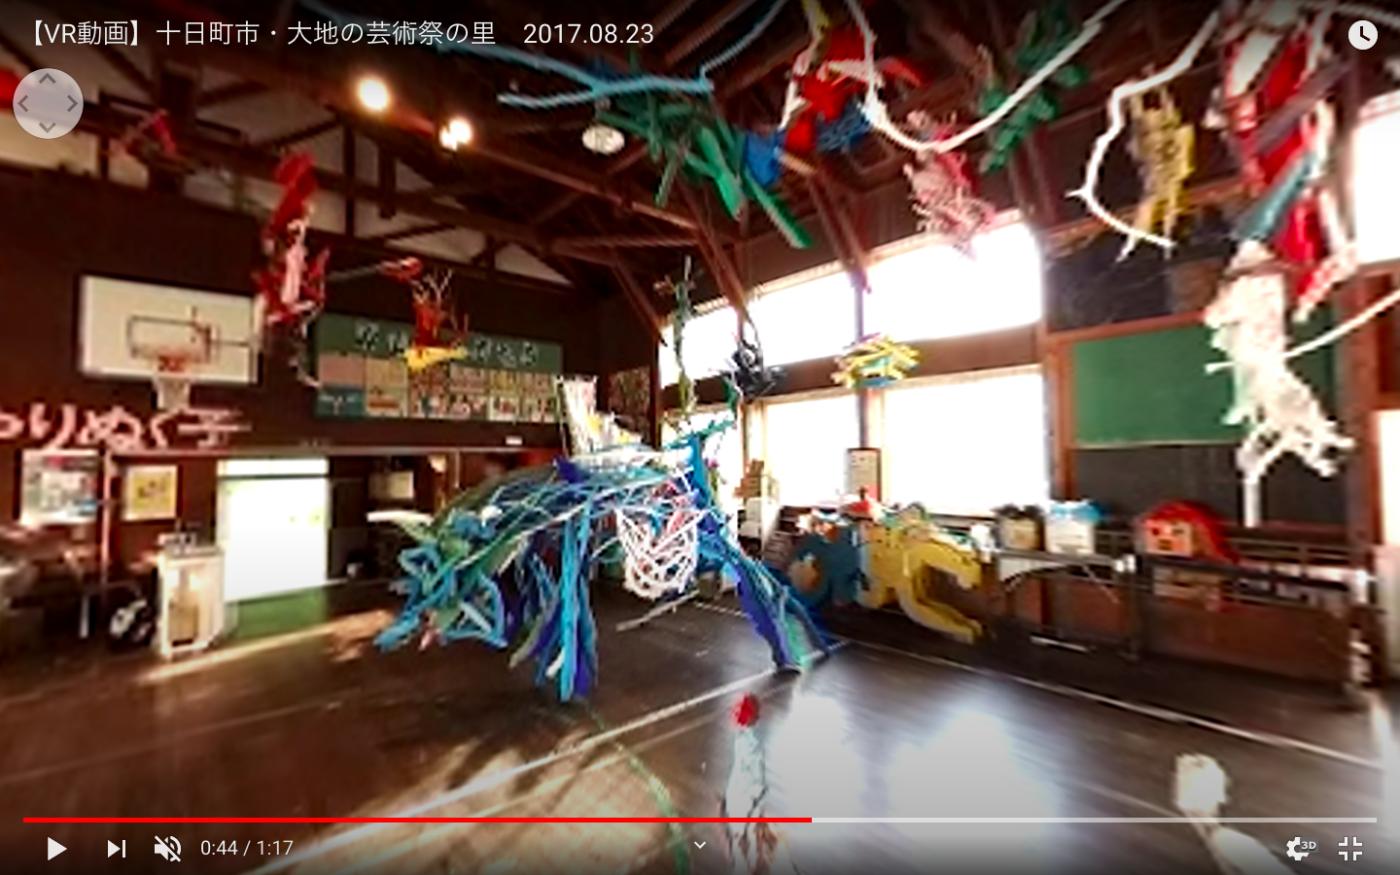 新潟県観光協会 様 VRコンテンツの制作1